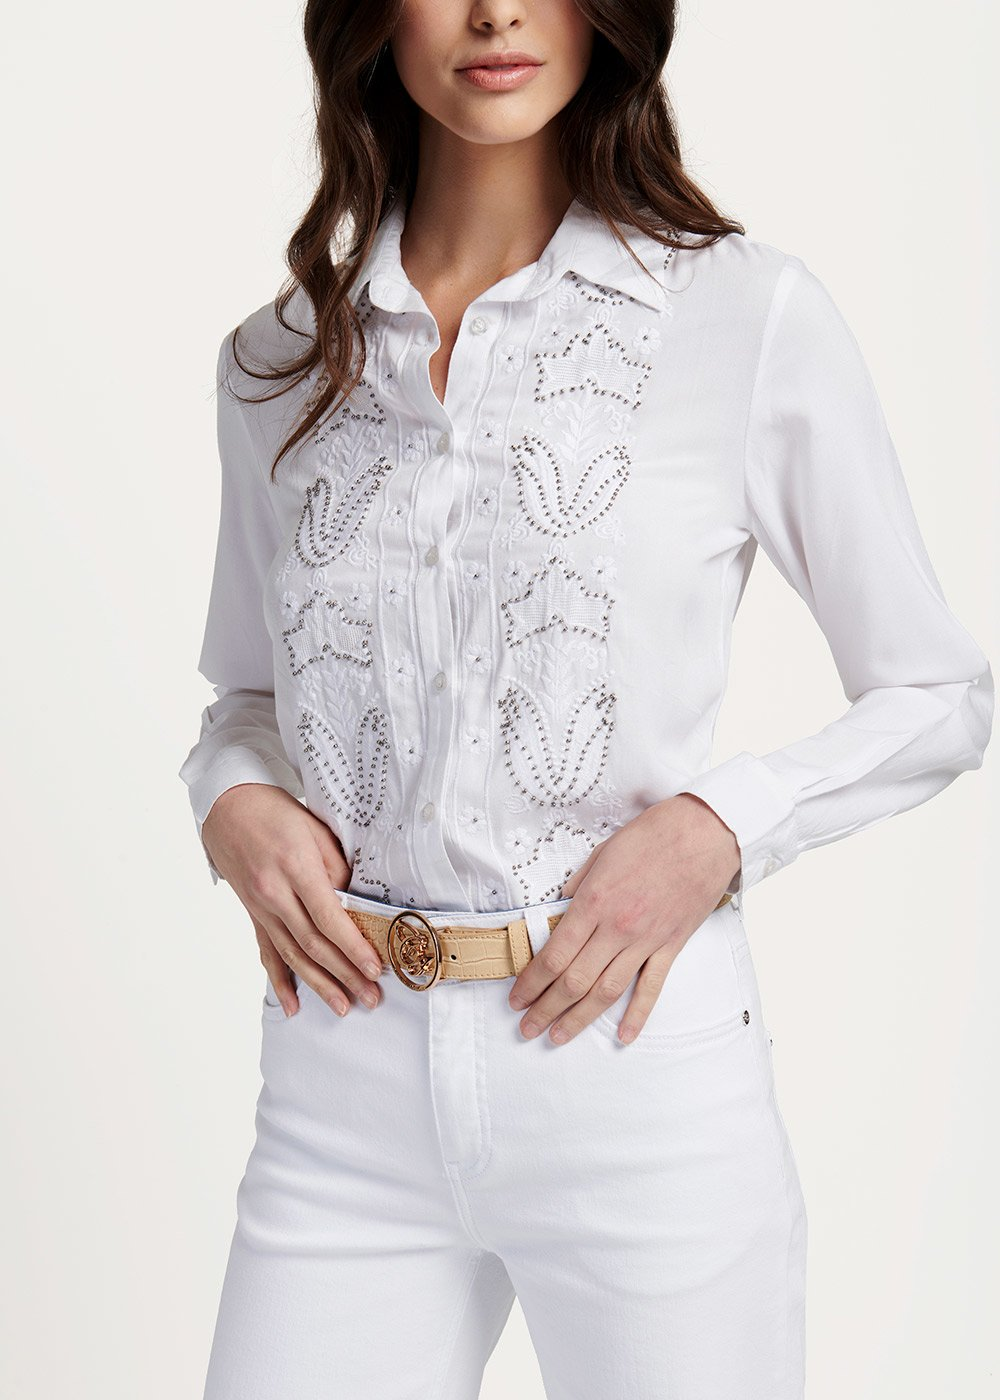 Camicia corinne con dettagli Gun metal - White - Donna